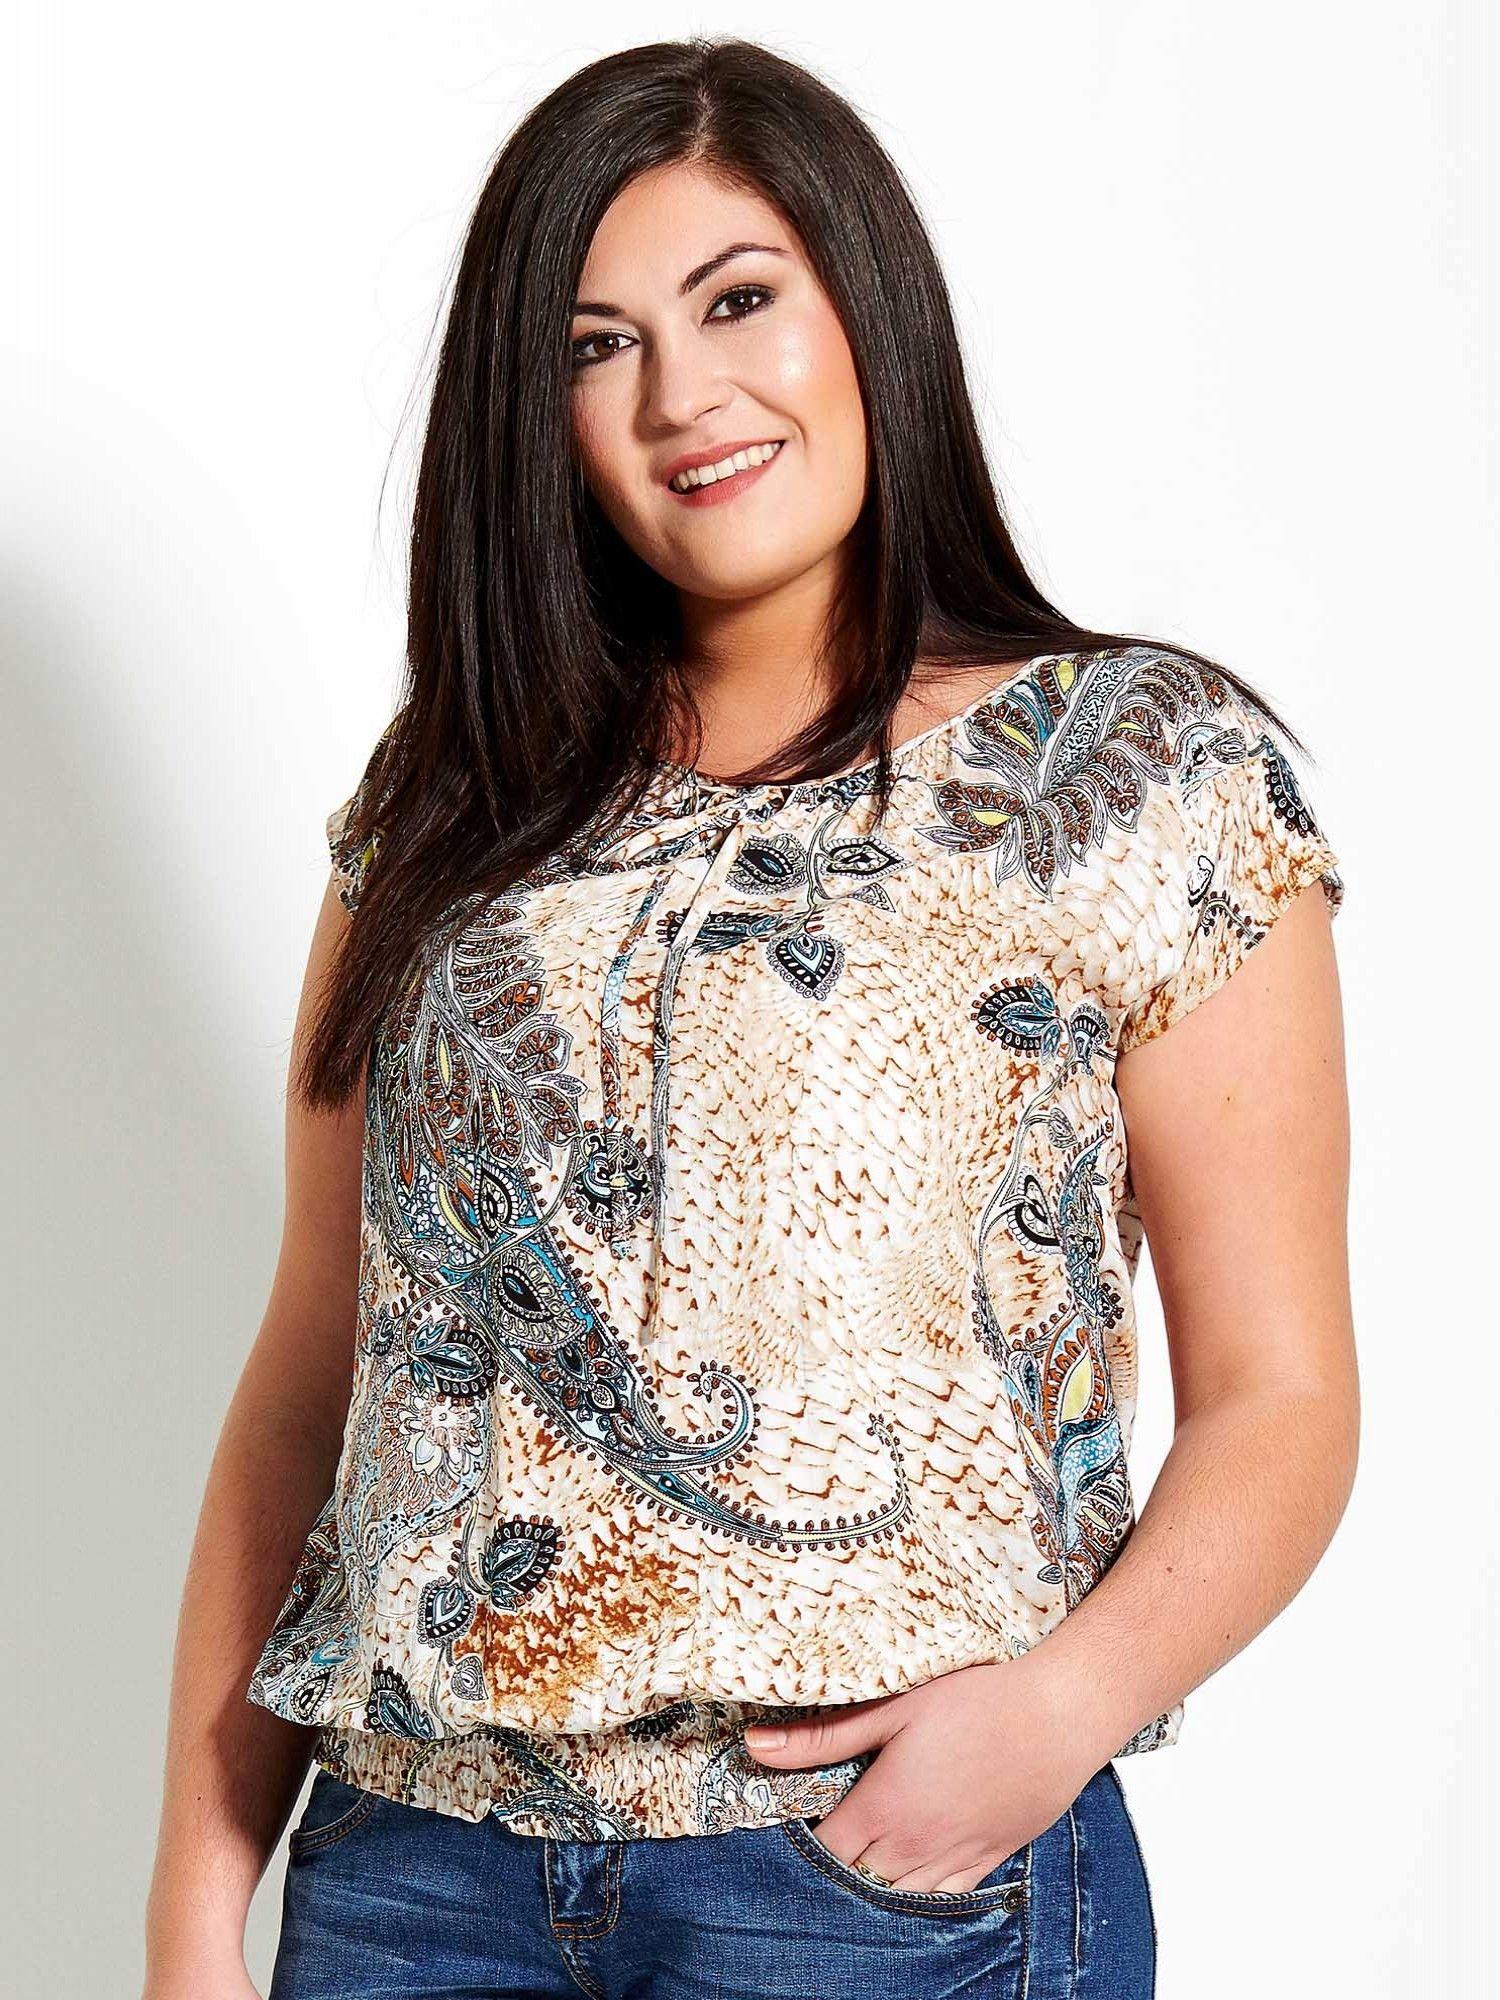 Kvinder Store Og Fra Studio Smart Tøj Plussize G Til Lis Bluse A8z1nqvRwv